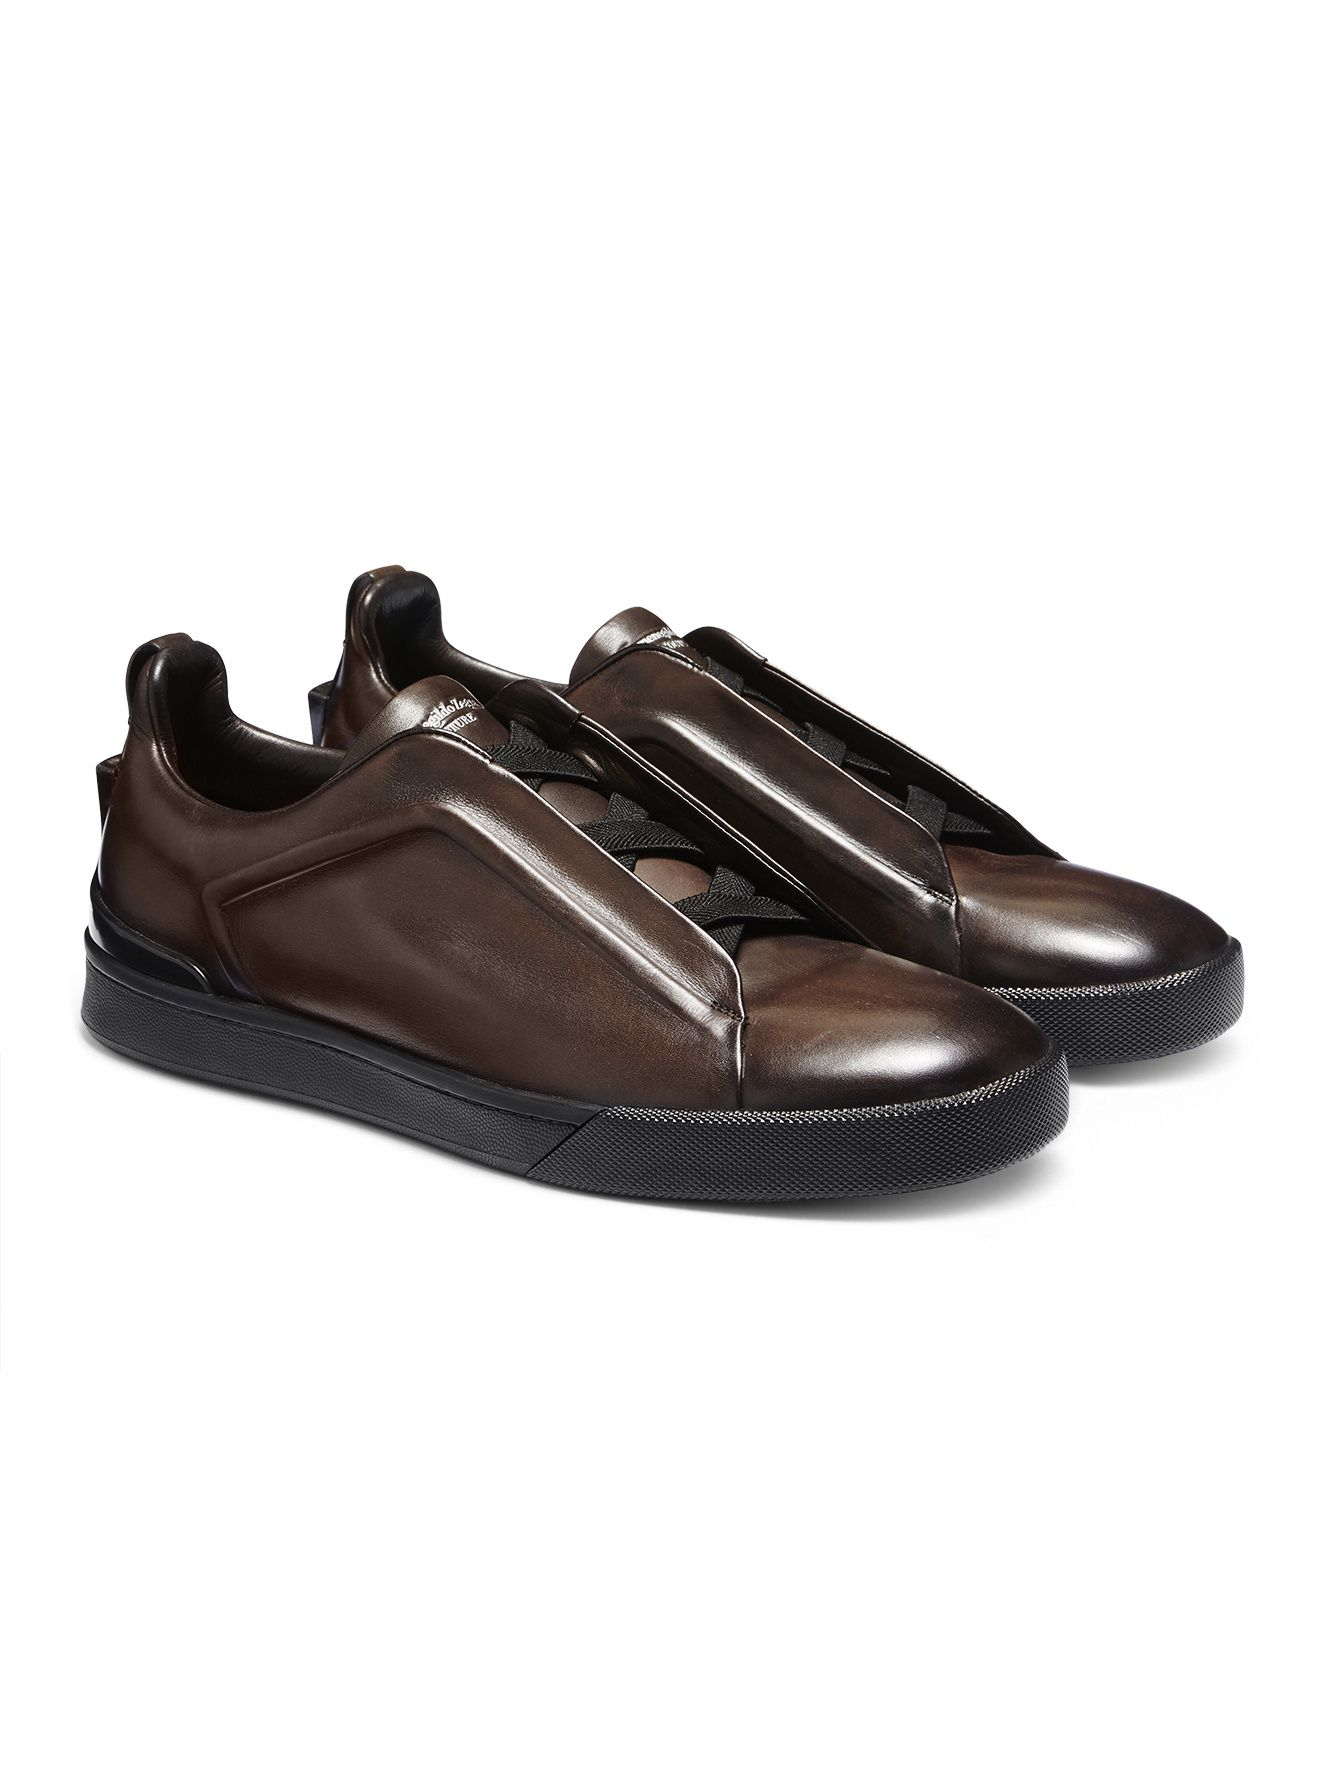 Triple Stitch Slip-on Sneaker FW16 9896026 | Zegna. Moda UomoCestini